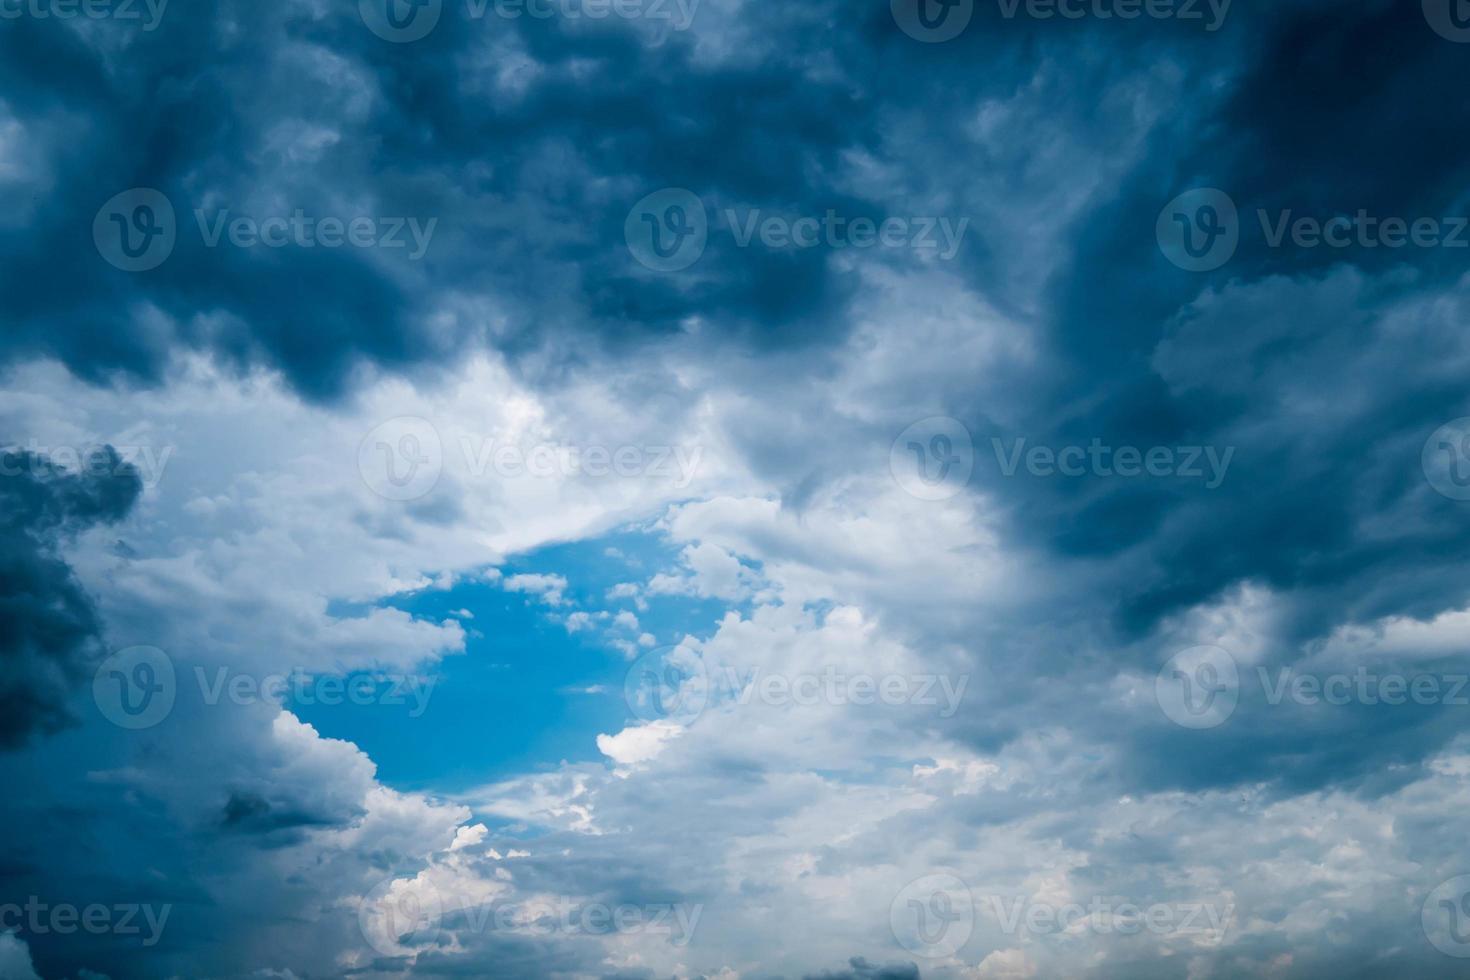 ciel bleu brillant dans un nuage pluvieux sombre photo